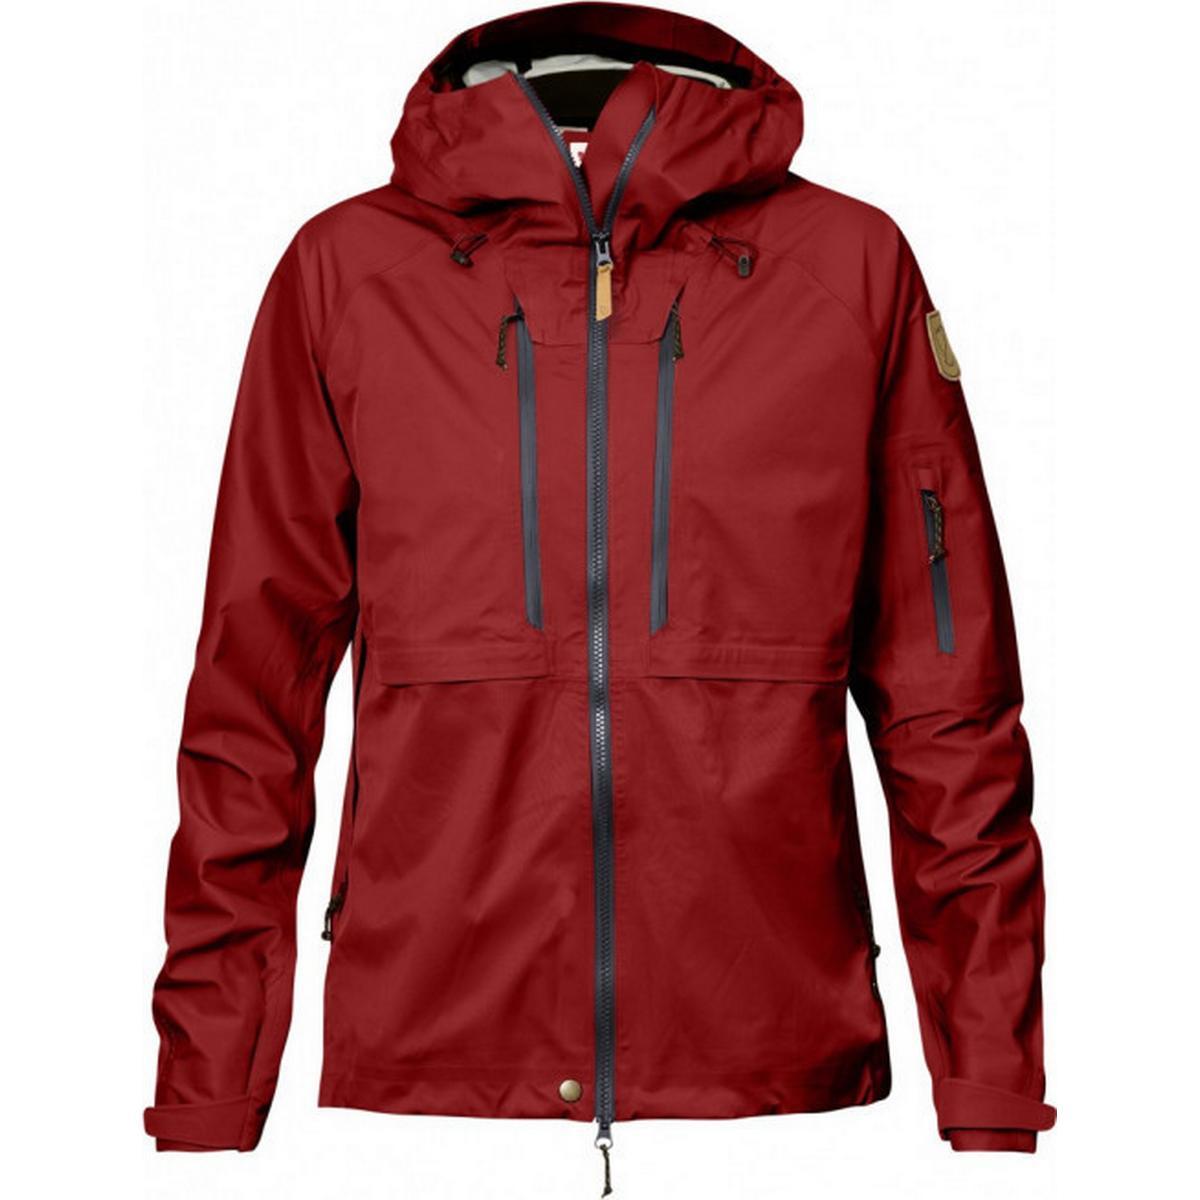 ee7407f6 Fjällräven Dametøj (1000+ modeller) hos PriceRunner • Se billigste pris nu »